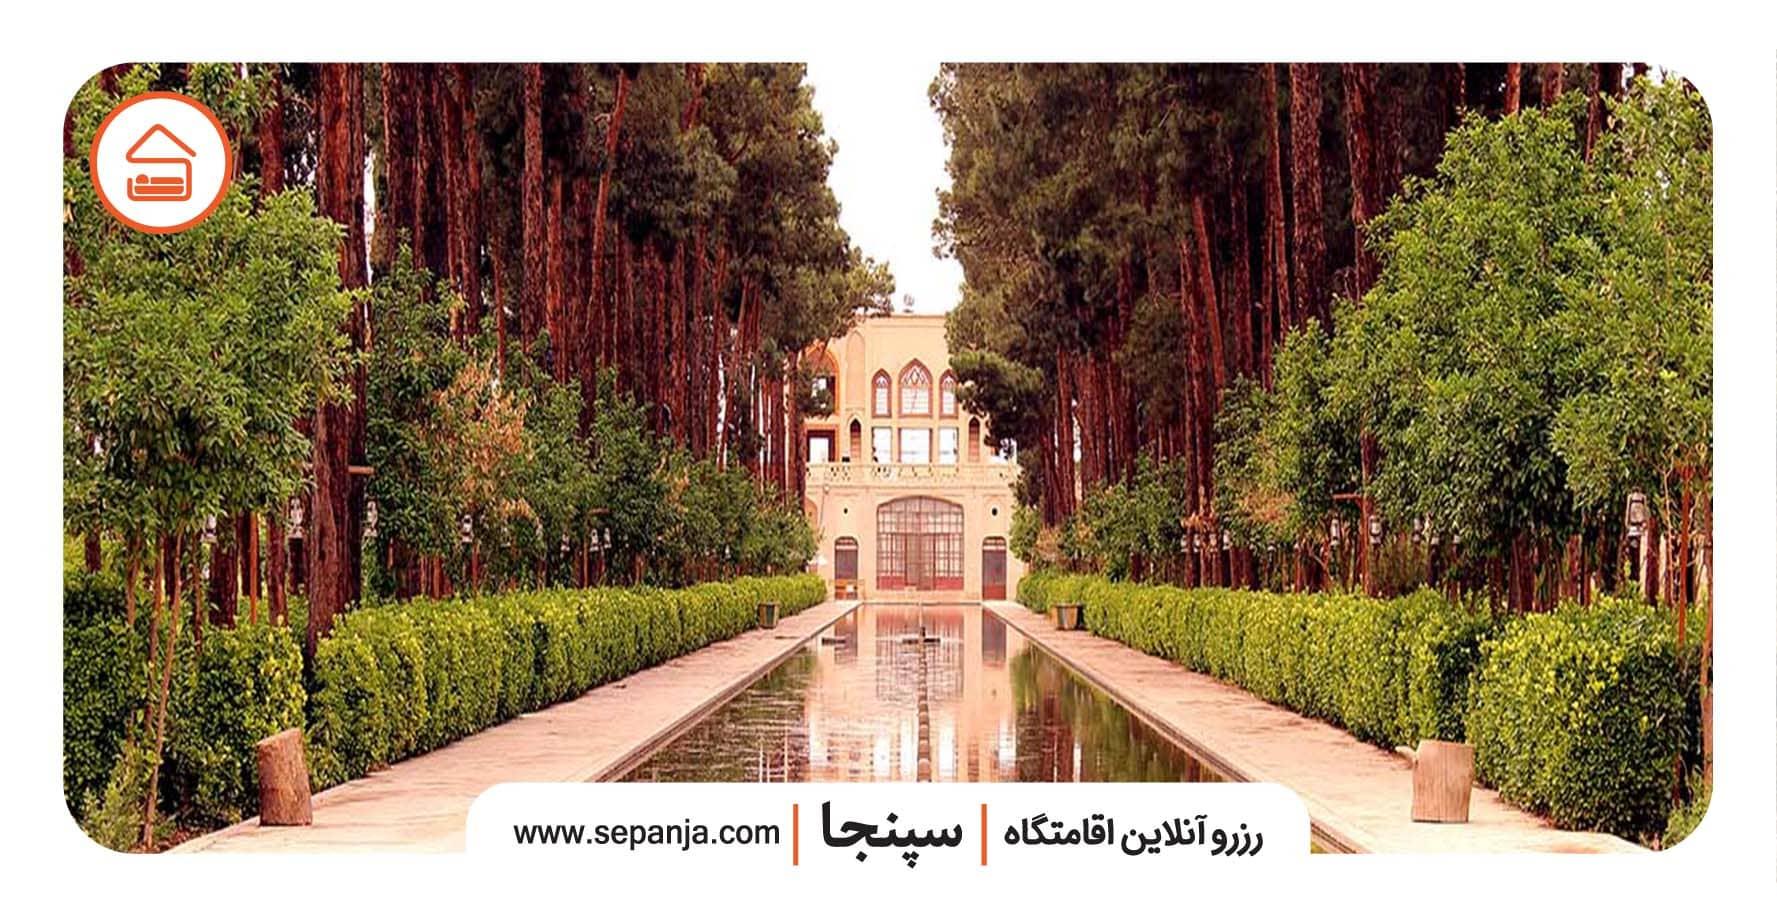 راهنما سفر به یزد و بازدید از باغ دولت آباد